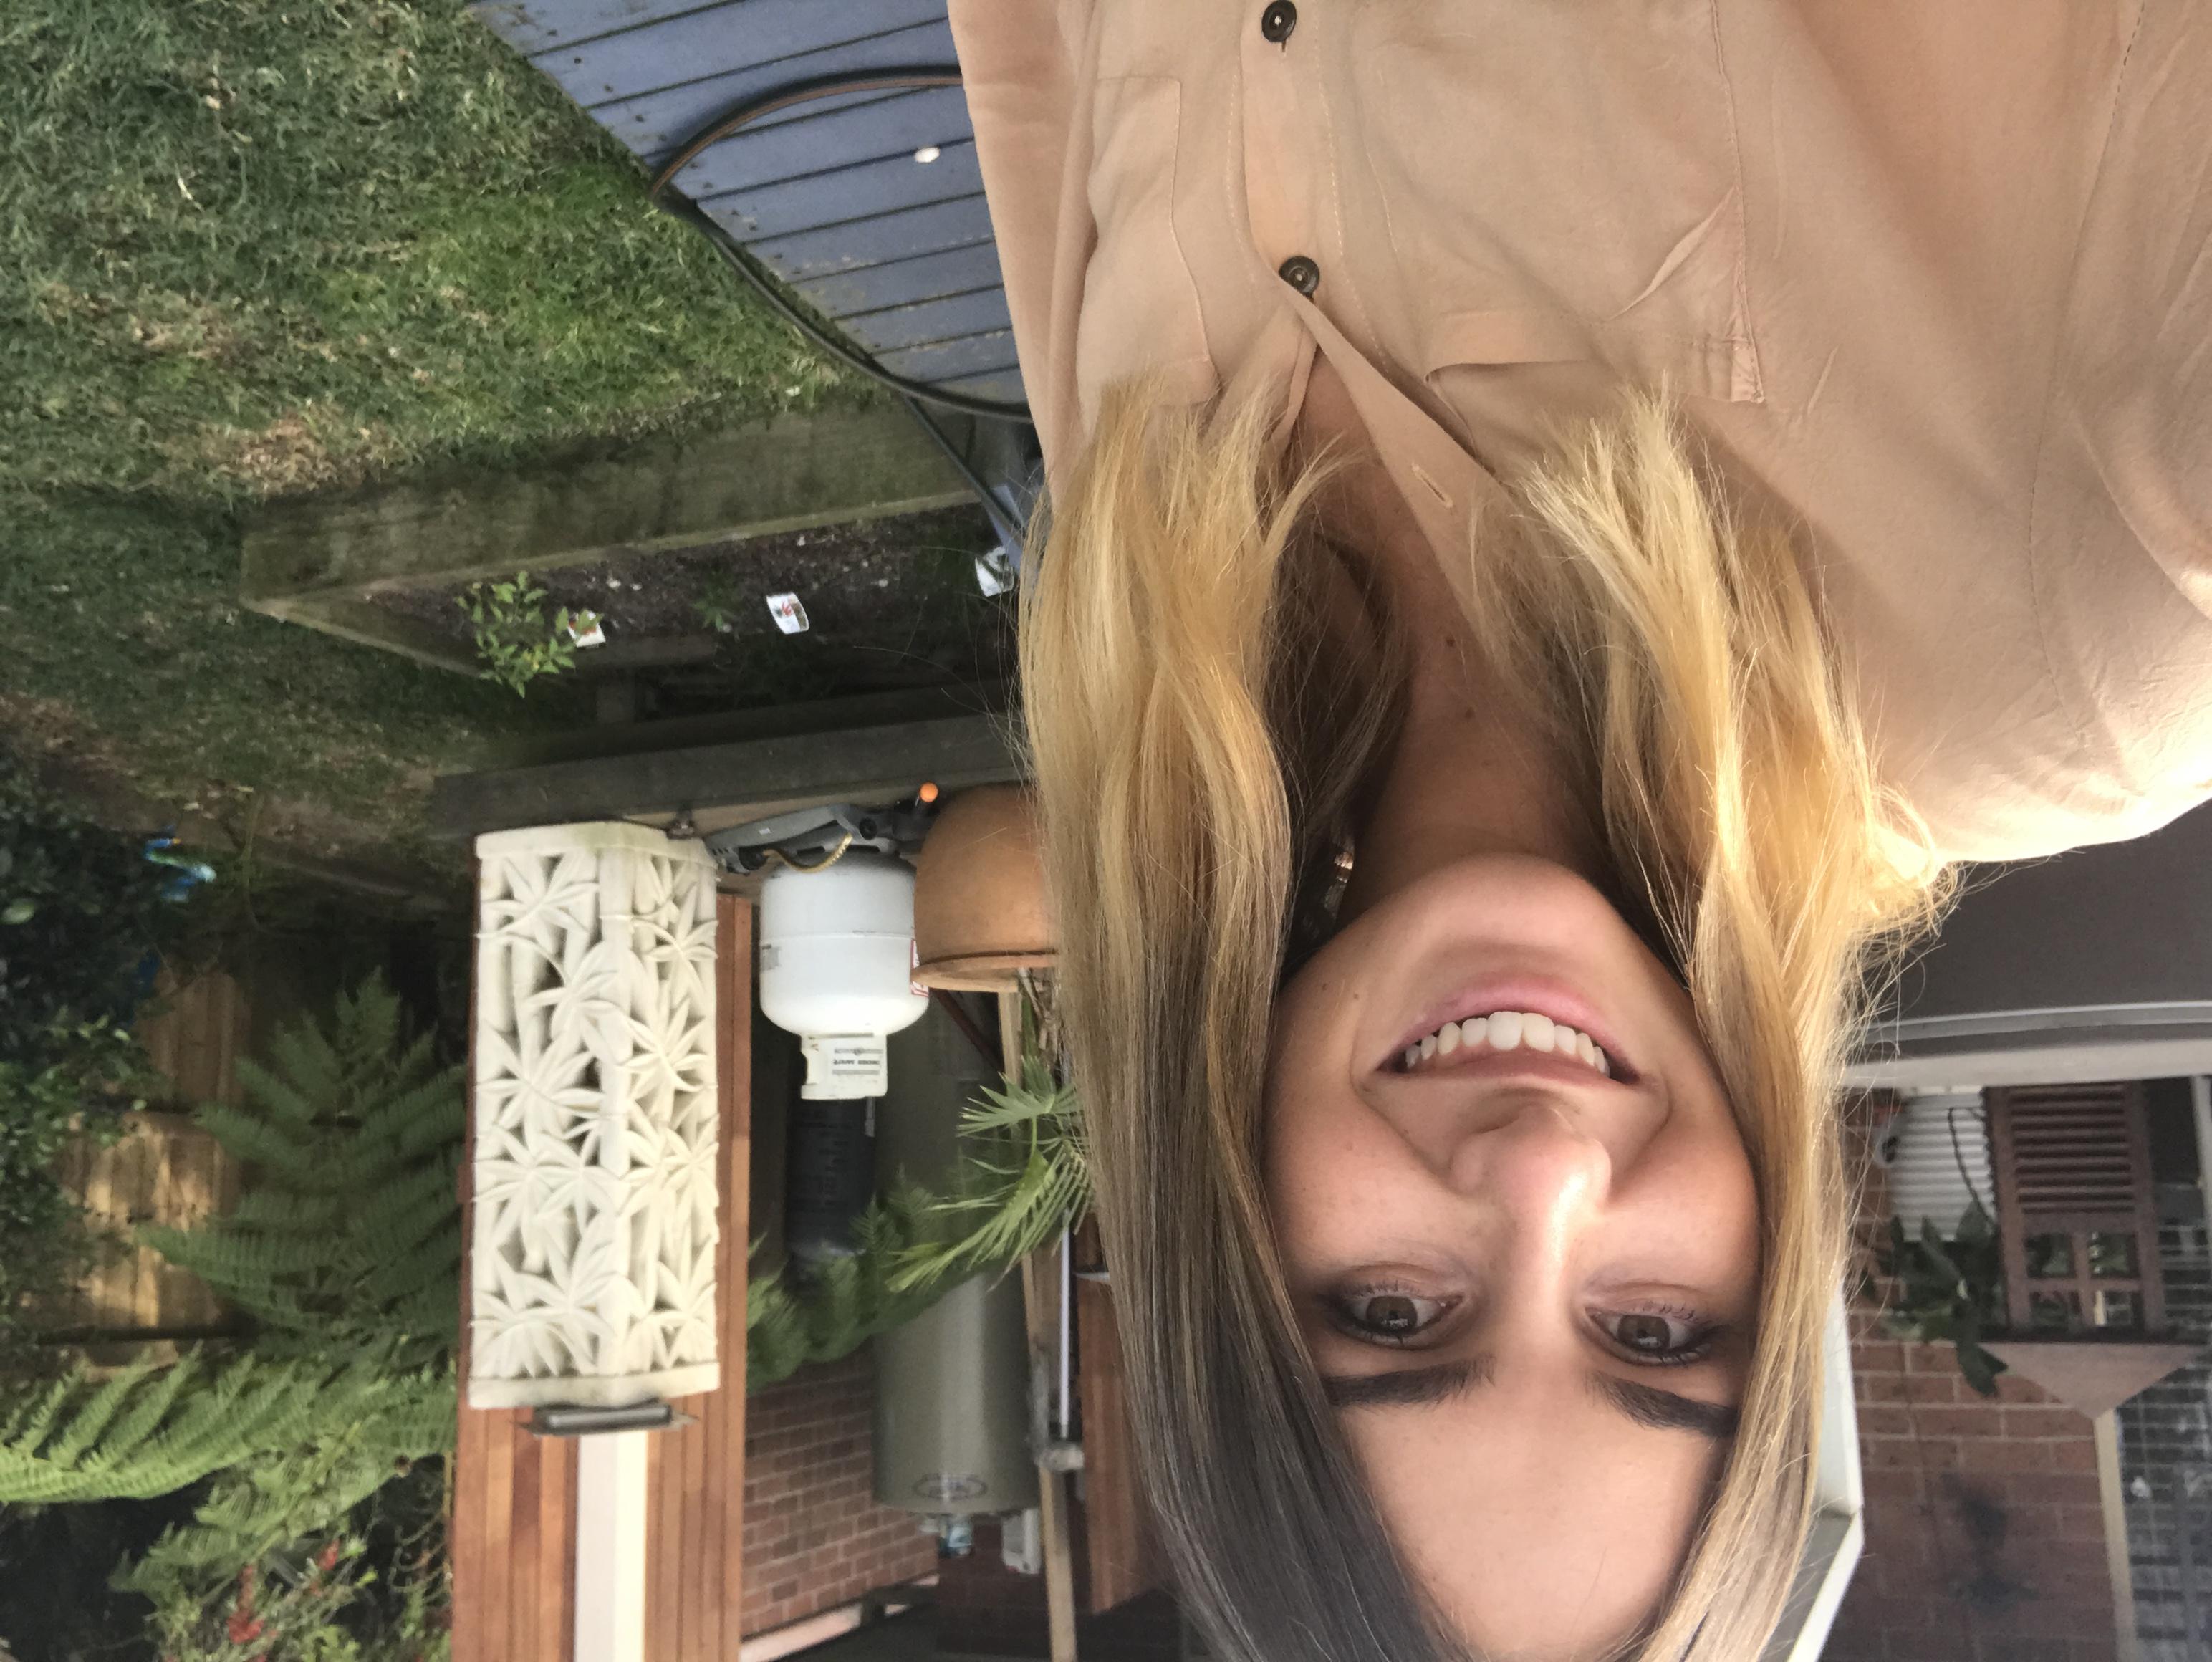 Amber's profile picture